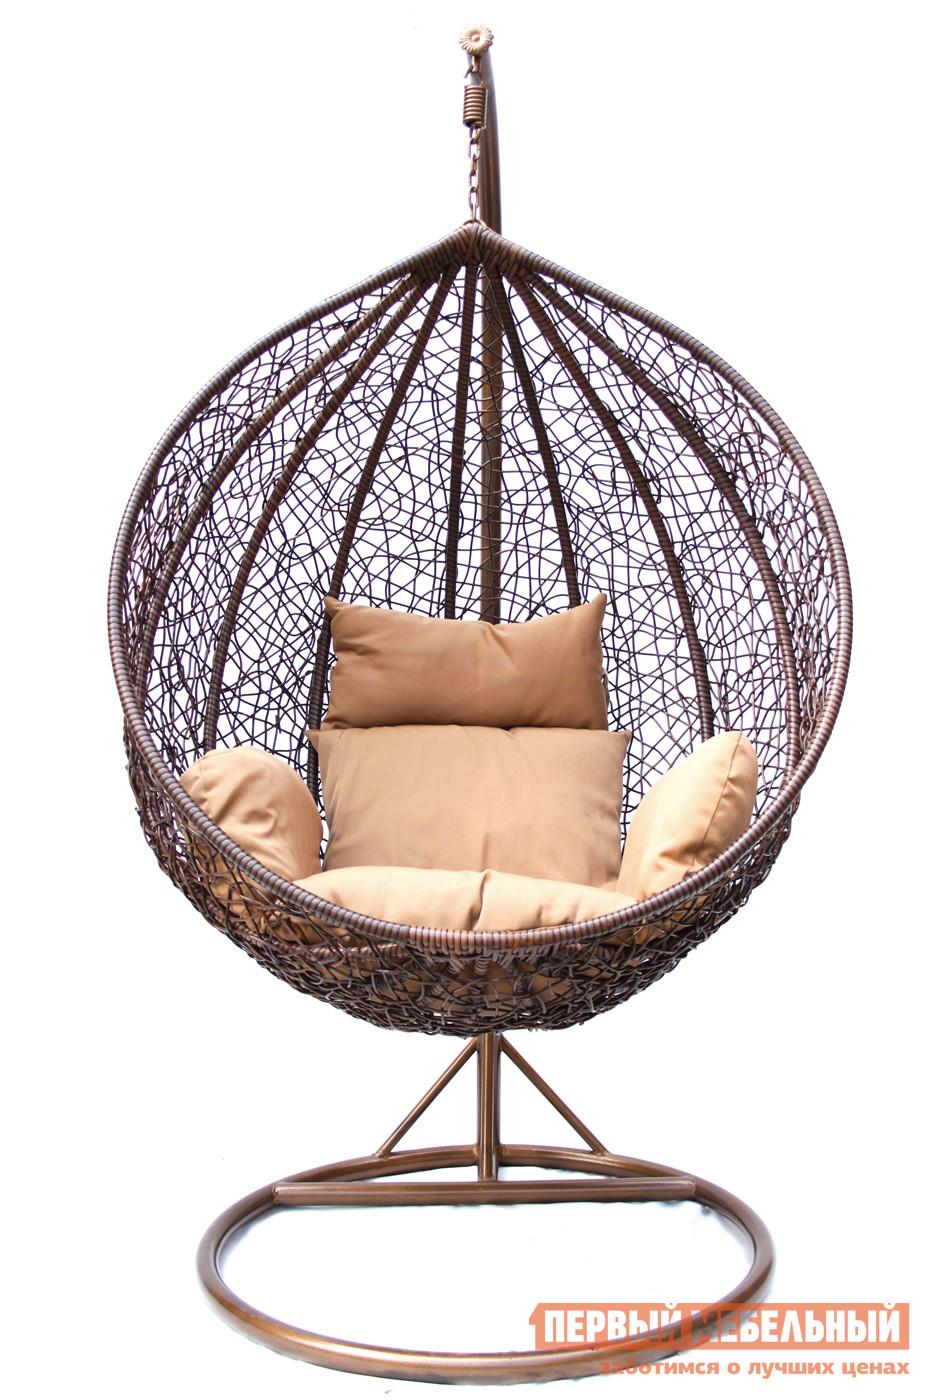 Подвесное кресло Kvimol KM-0001 (темный) Темный иск. ротанг/Коричневая подушка, Средняя корзина от Купистол